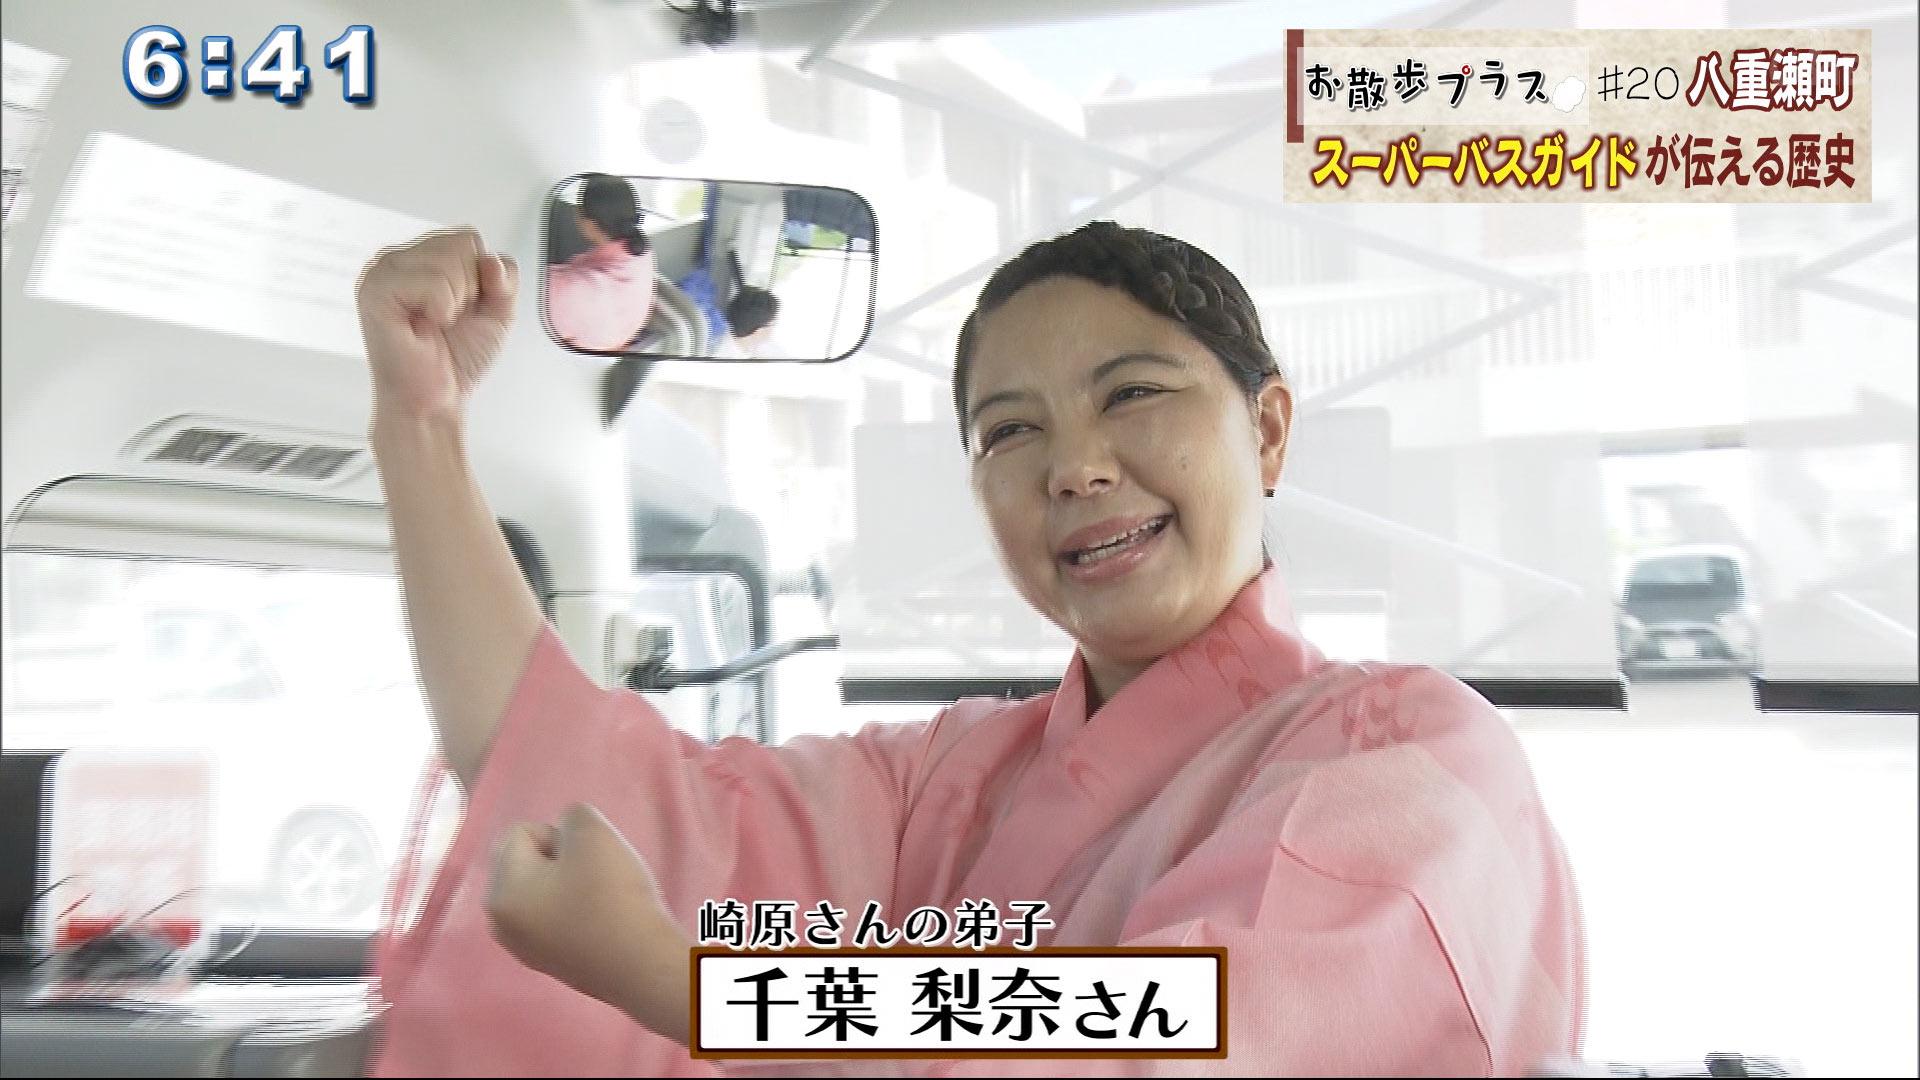 実は崎原さんの弟子、千葉梨奈さんです。